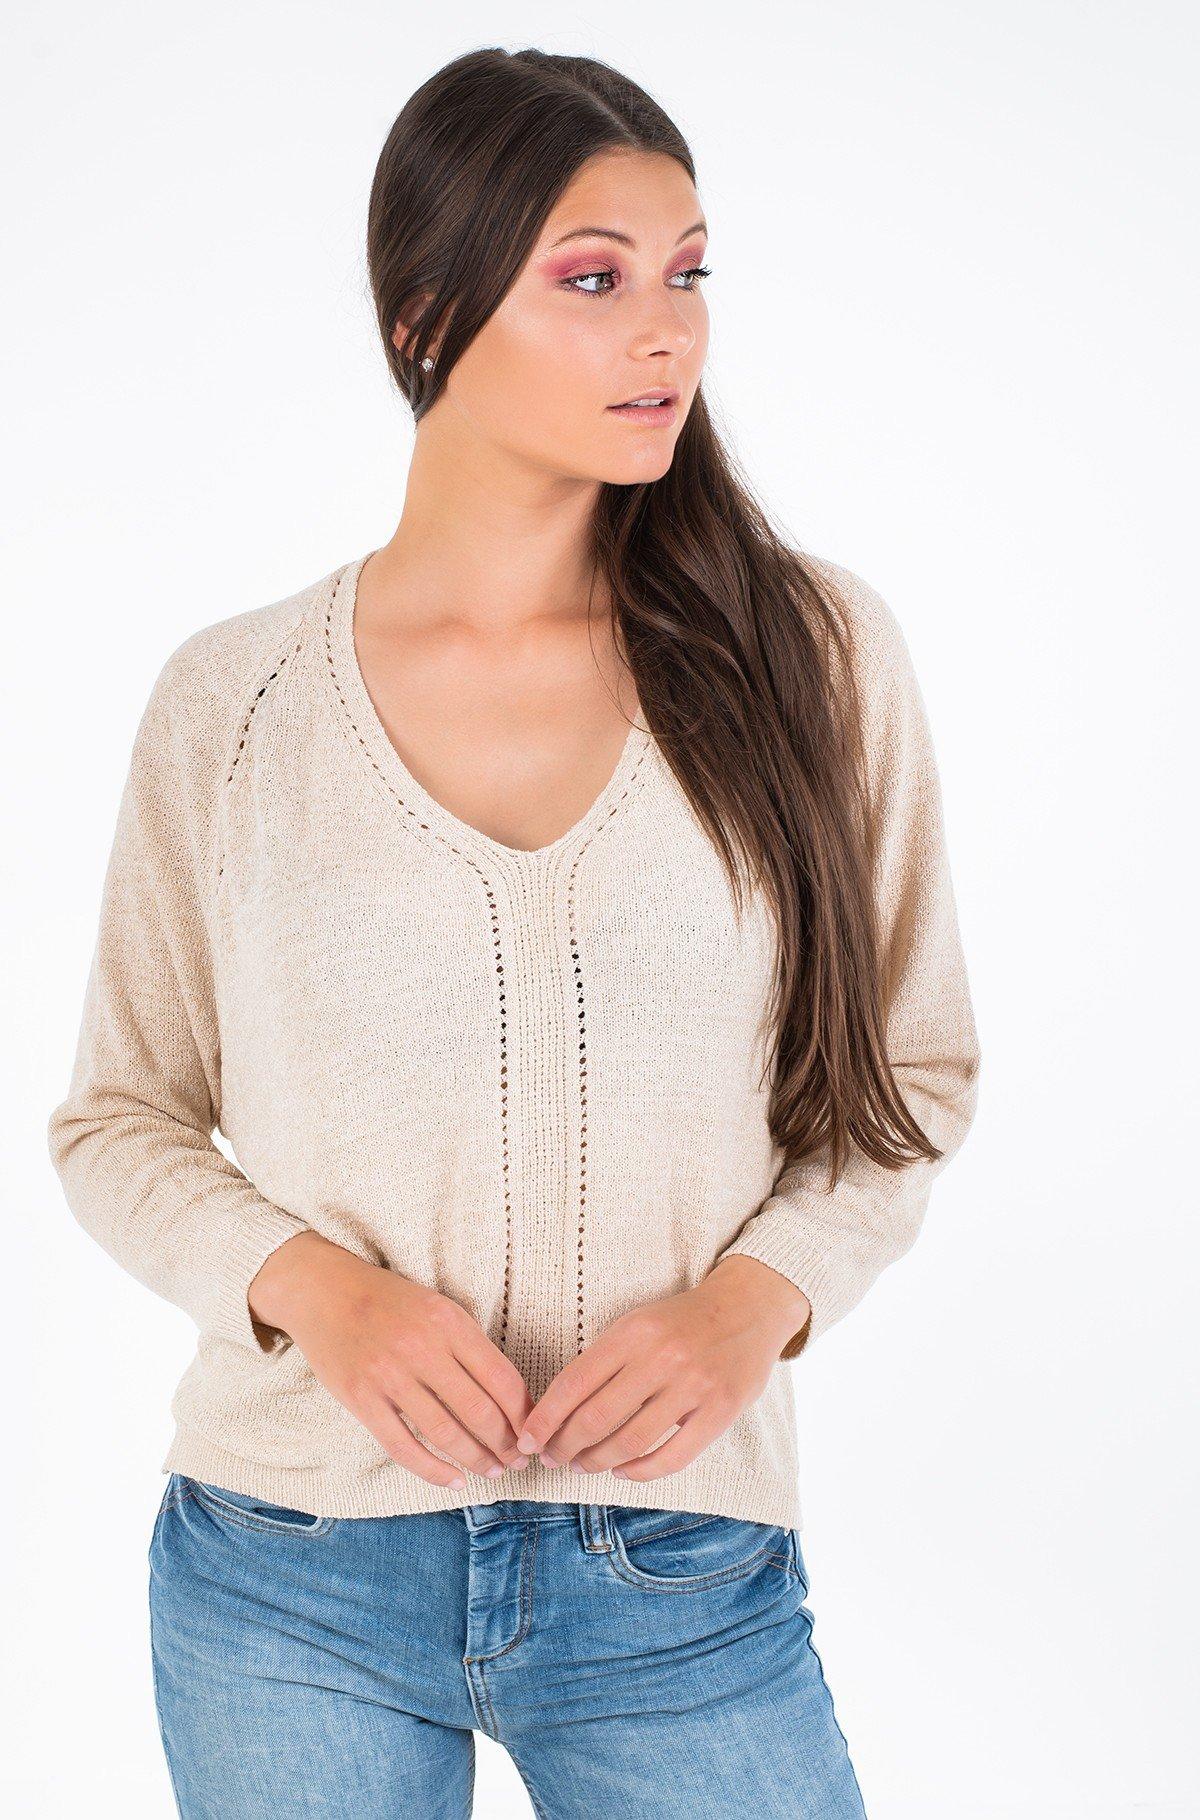 Knitwear 1020778-full-1